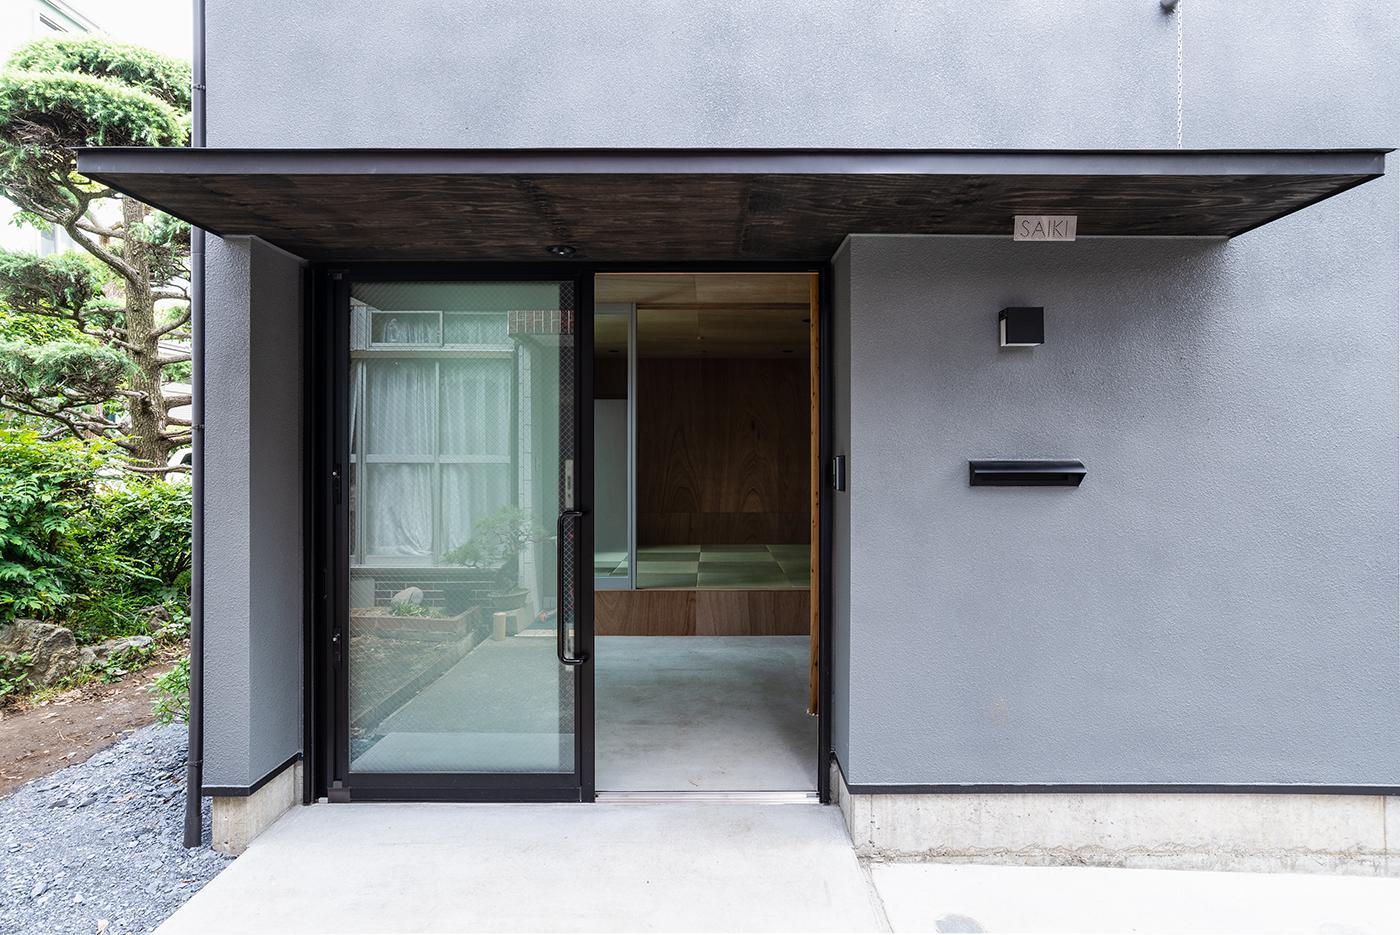 土間空間、玄関土間、デザイン、モダン、設計事務所、建築家、川崎市、神奈川、一級建築士事務所